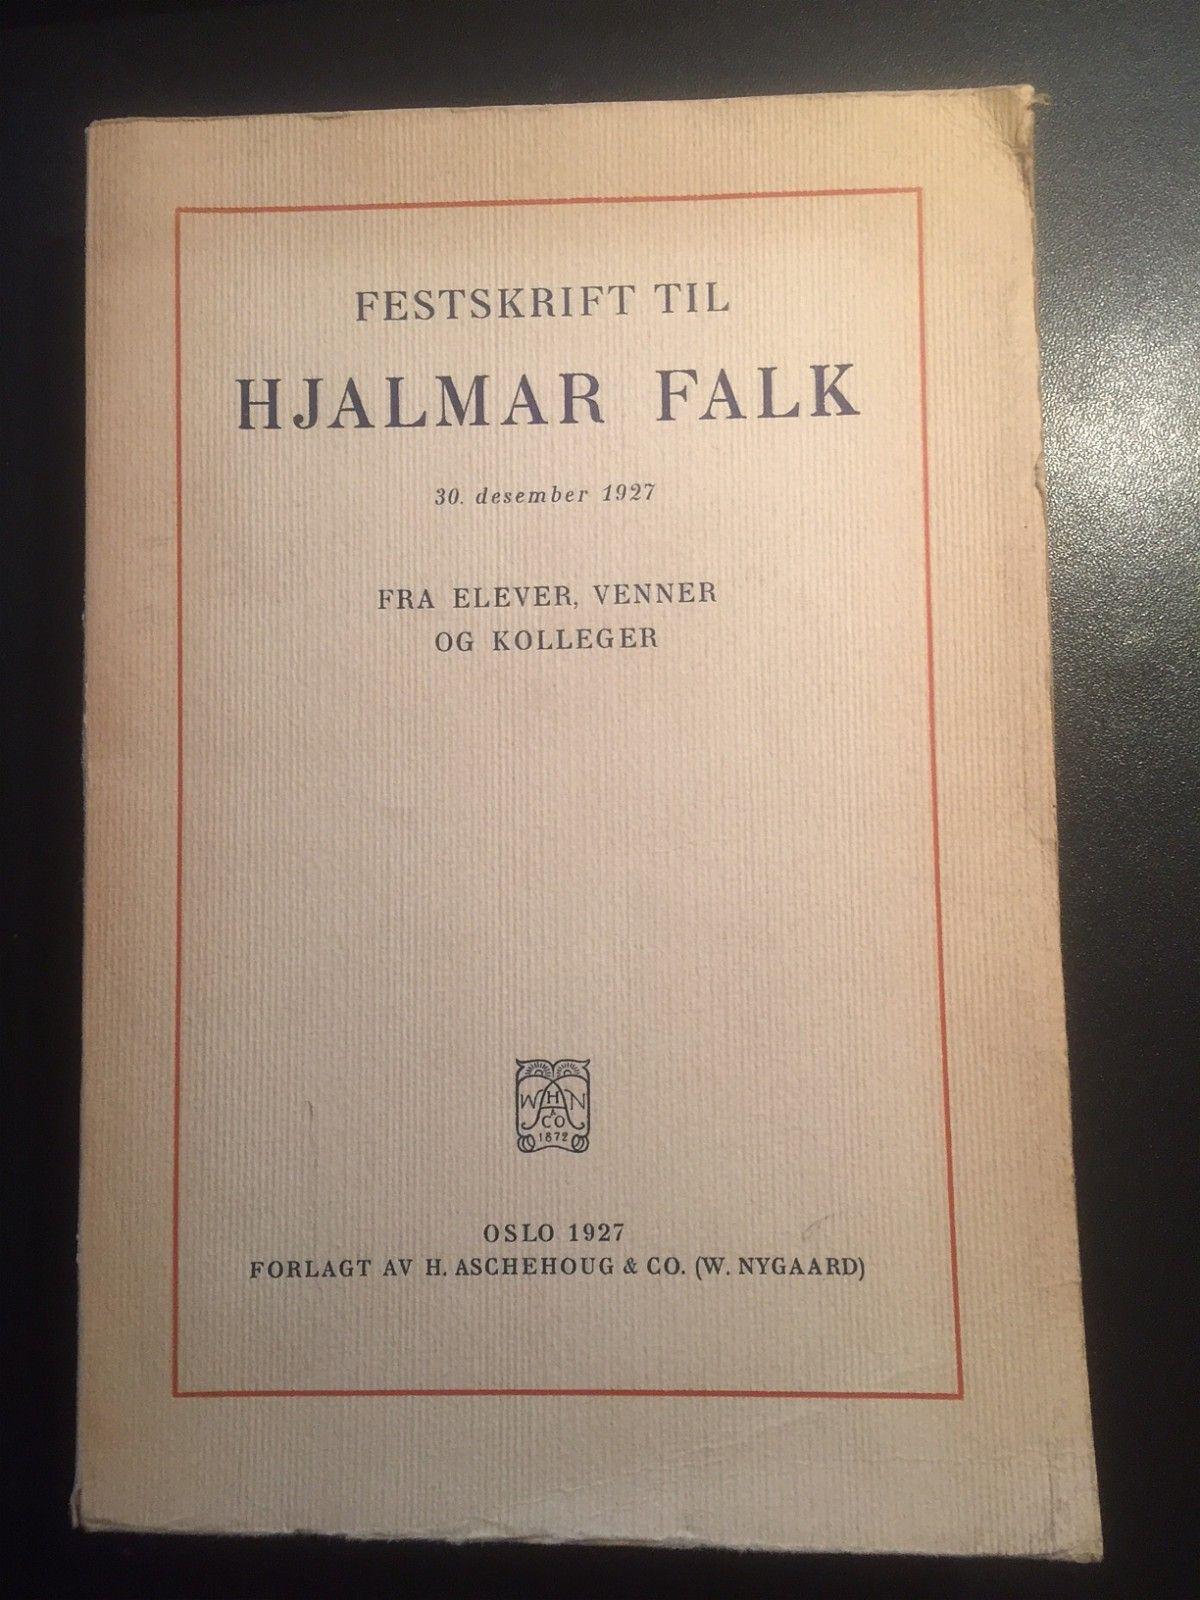 Festskrift til Hjalmar Falk 30. desember 1927. - Nesodden  - Festskrift til Hjalmar Falk 30. desember 1927. Fra elever, venner og kolleger. Oslo 1927. 476 sider. Orig. omsl. - Nesodden